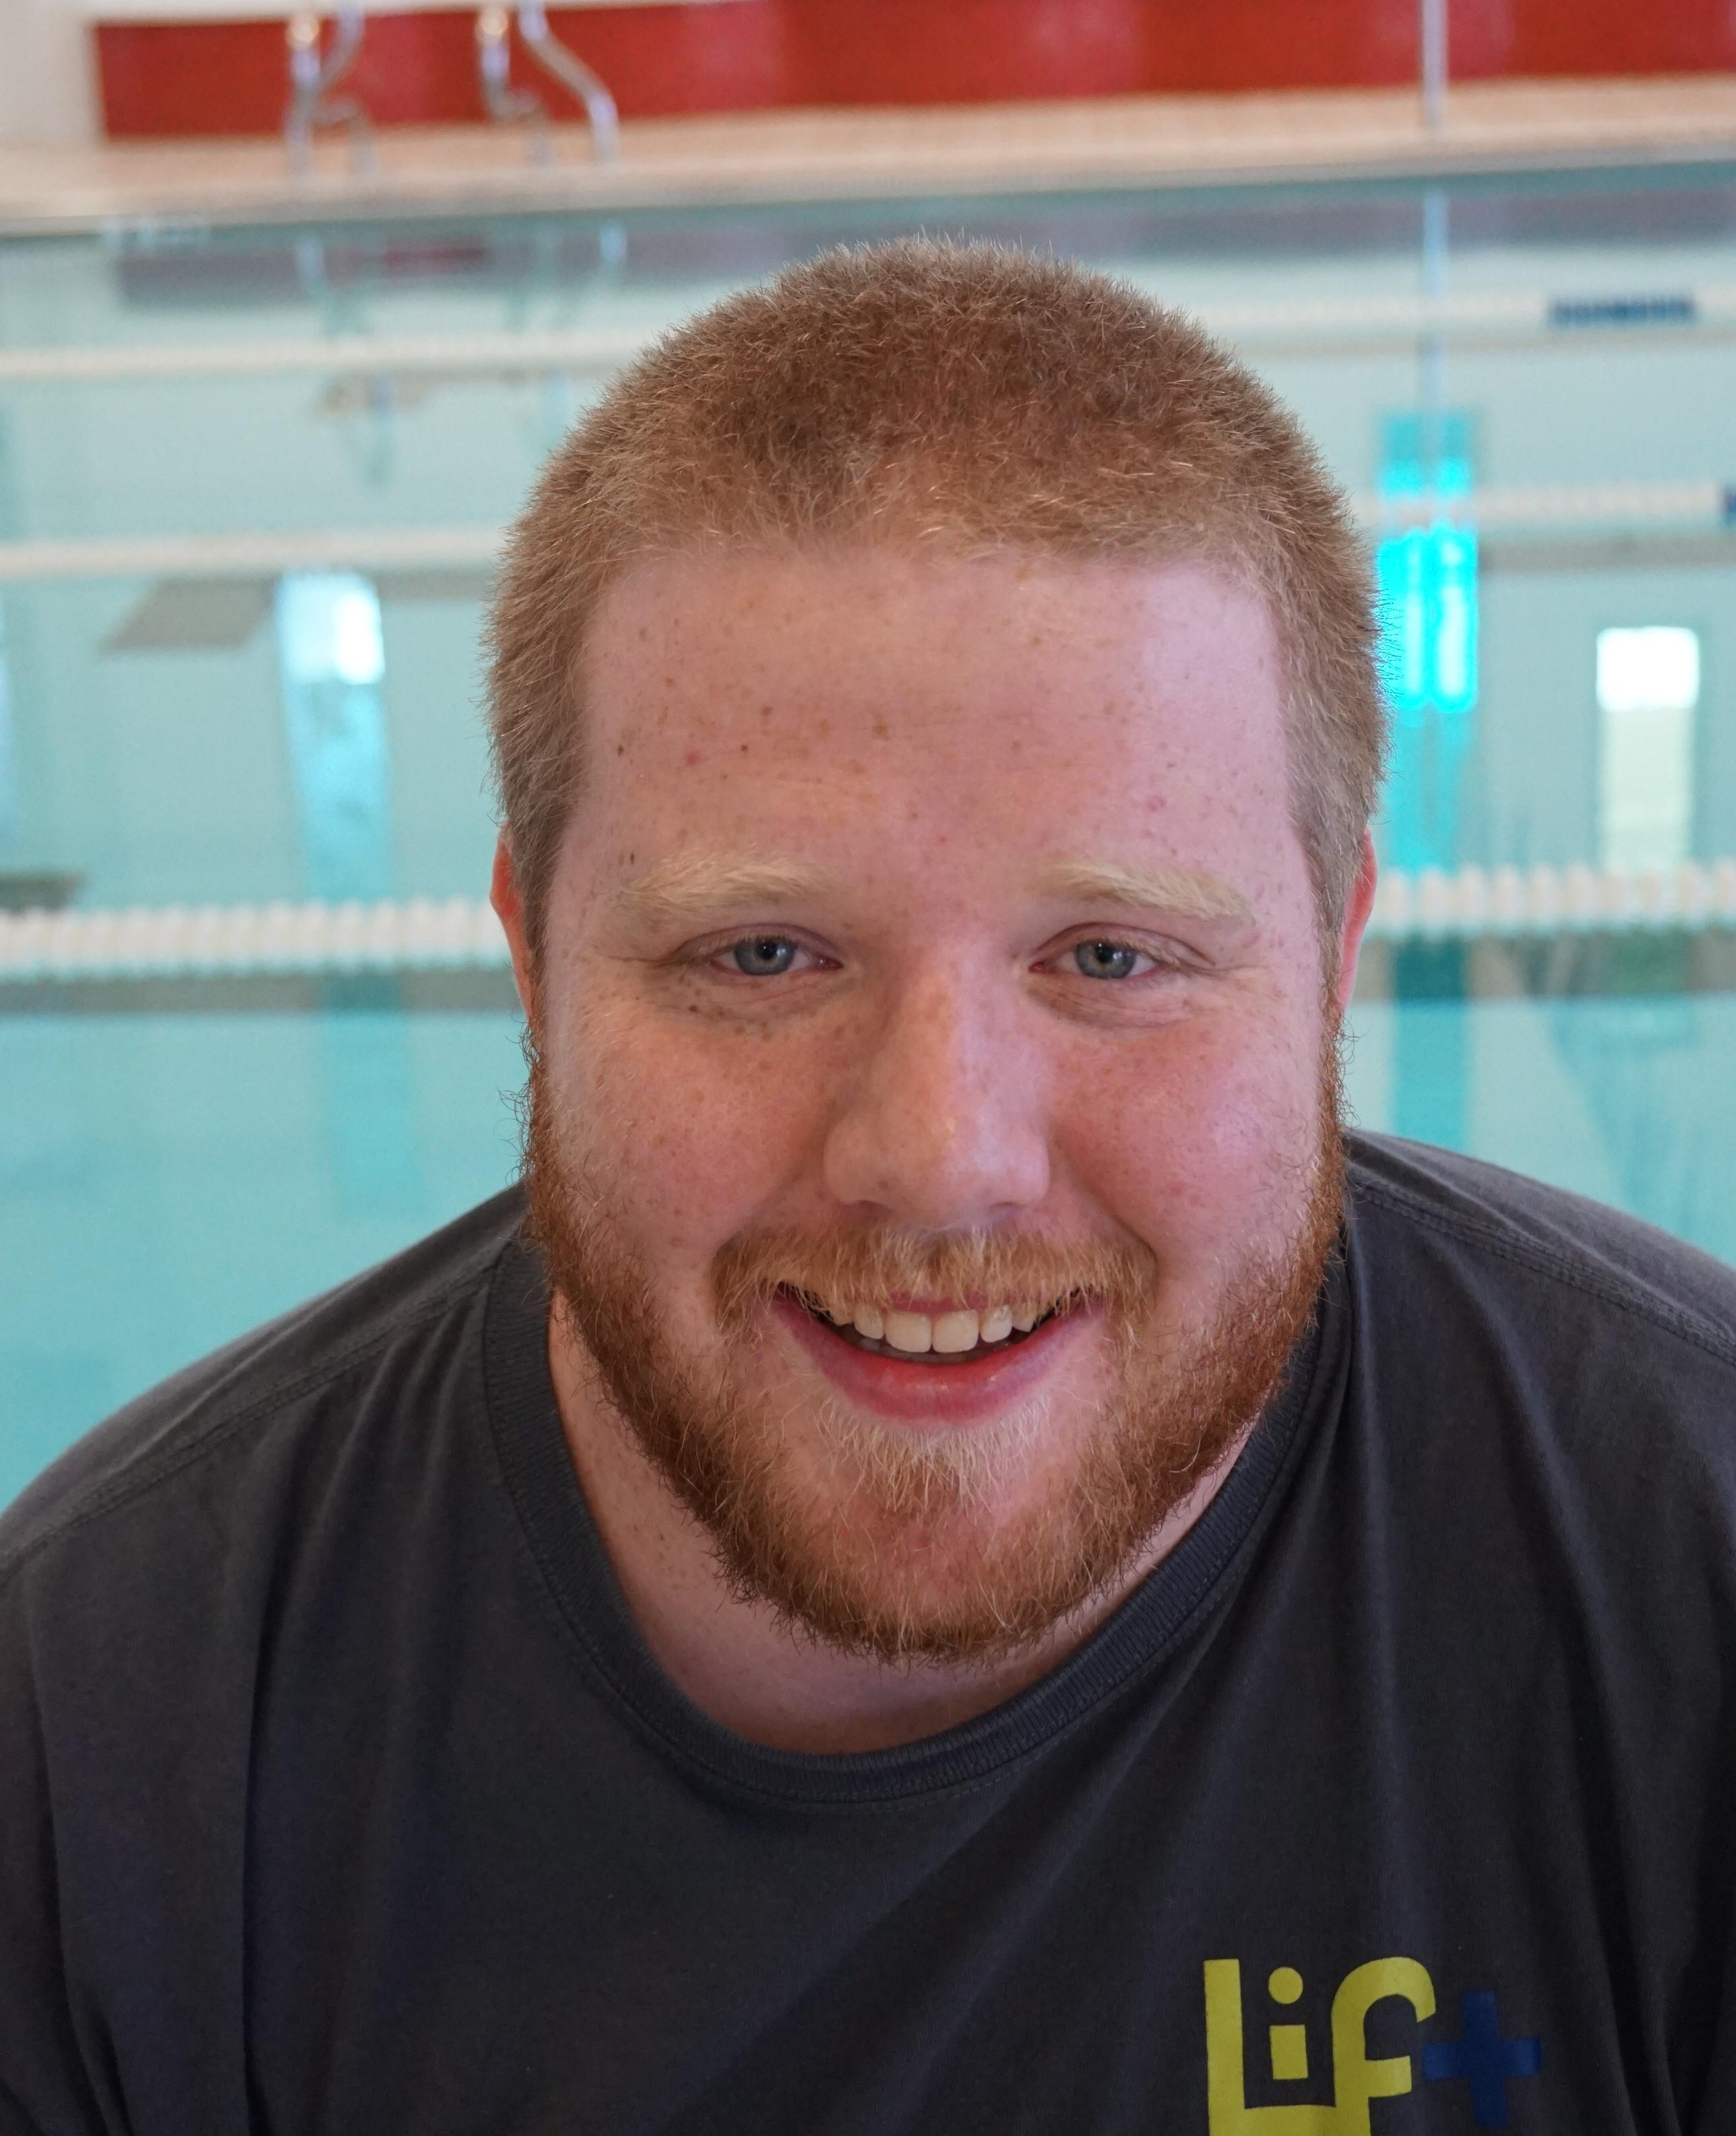 Chris Downen | Lifeguard